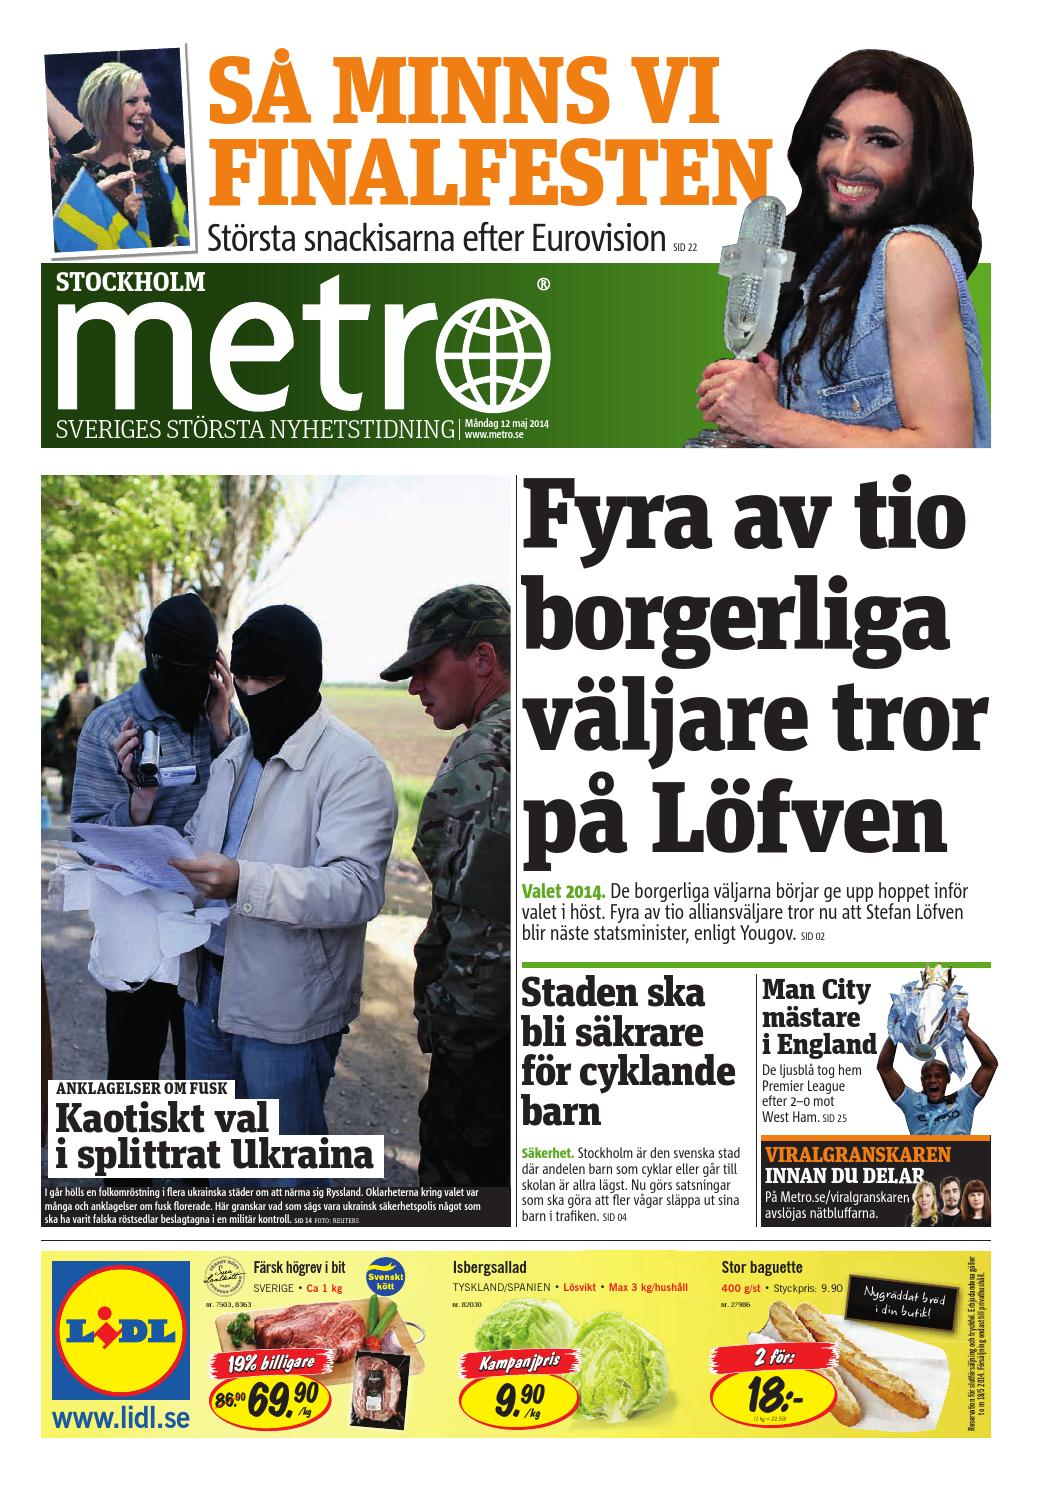 service fusk underkastelse i Stockholm